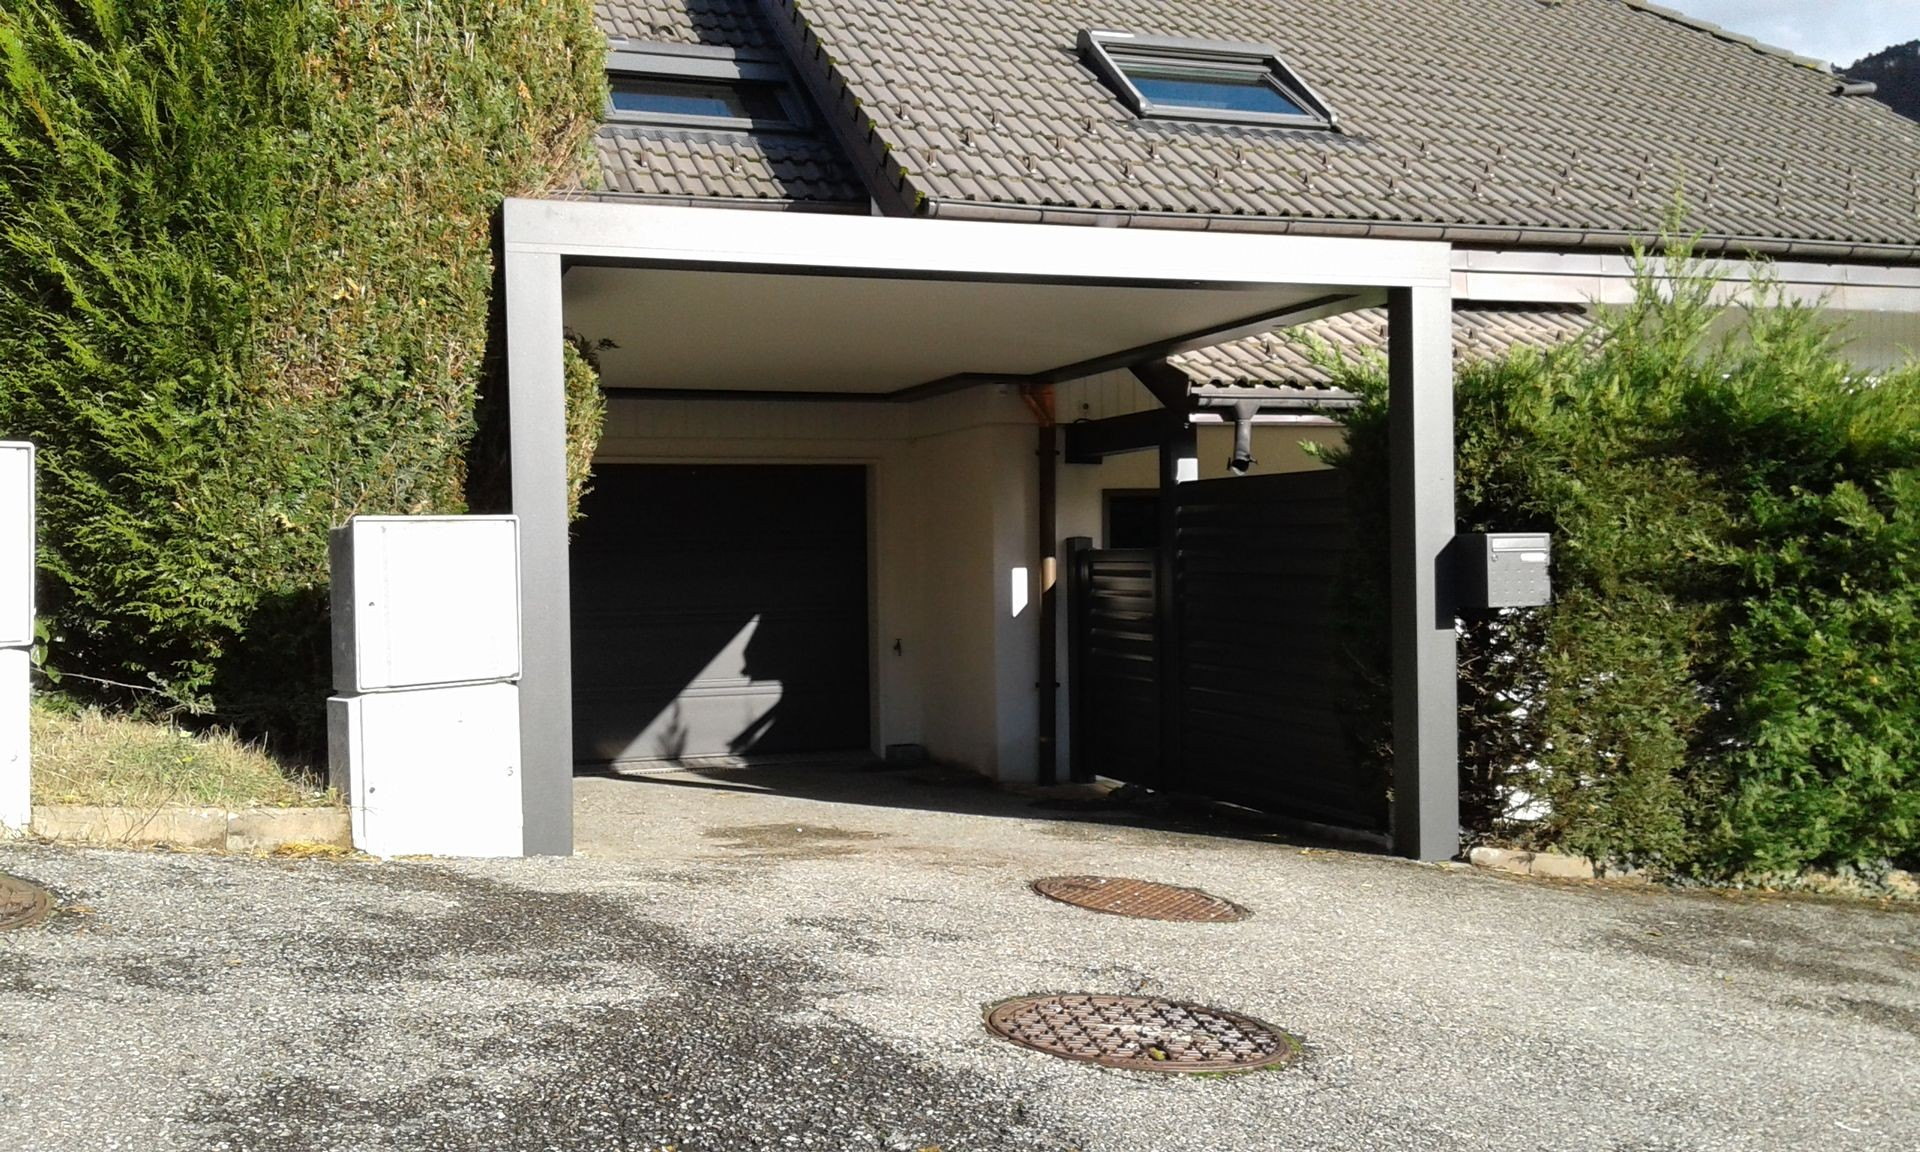 carport en haute savoie 74 et abri de voiture actuel veranda. Black Bedroom Furniture Sets. Home Design Ideas